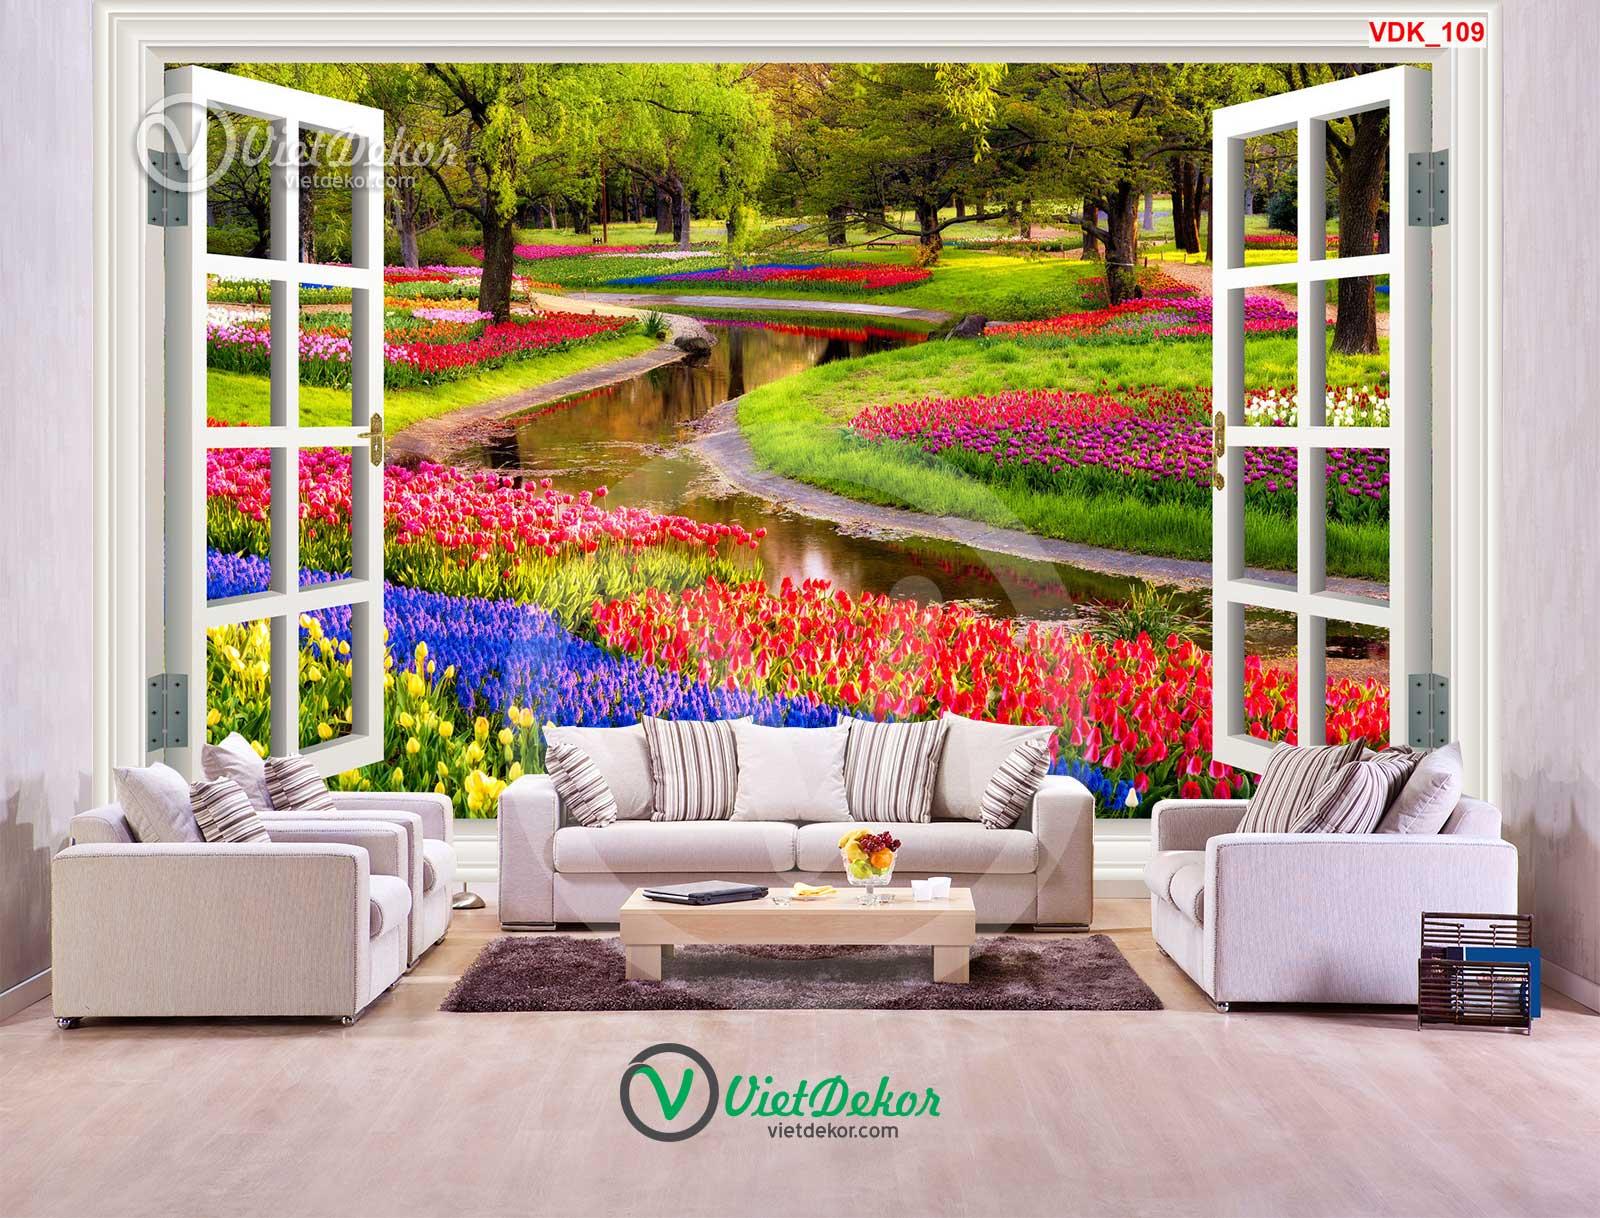 Tranh dán tường 3d cửa sổ rừng cây vườn hoa đẹp